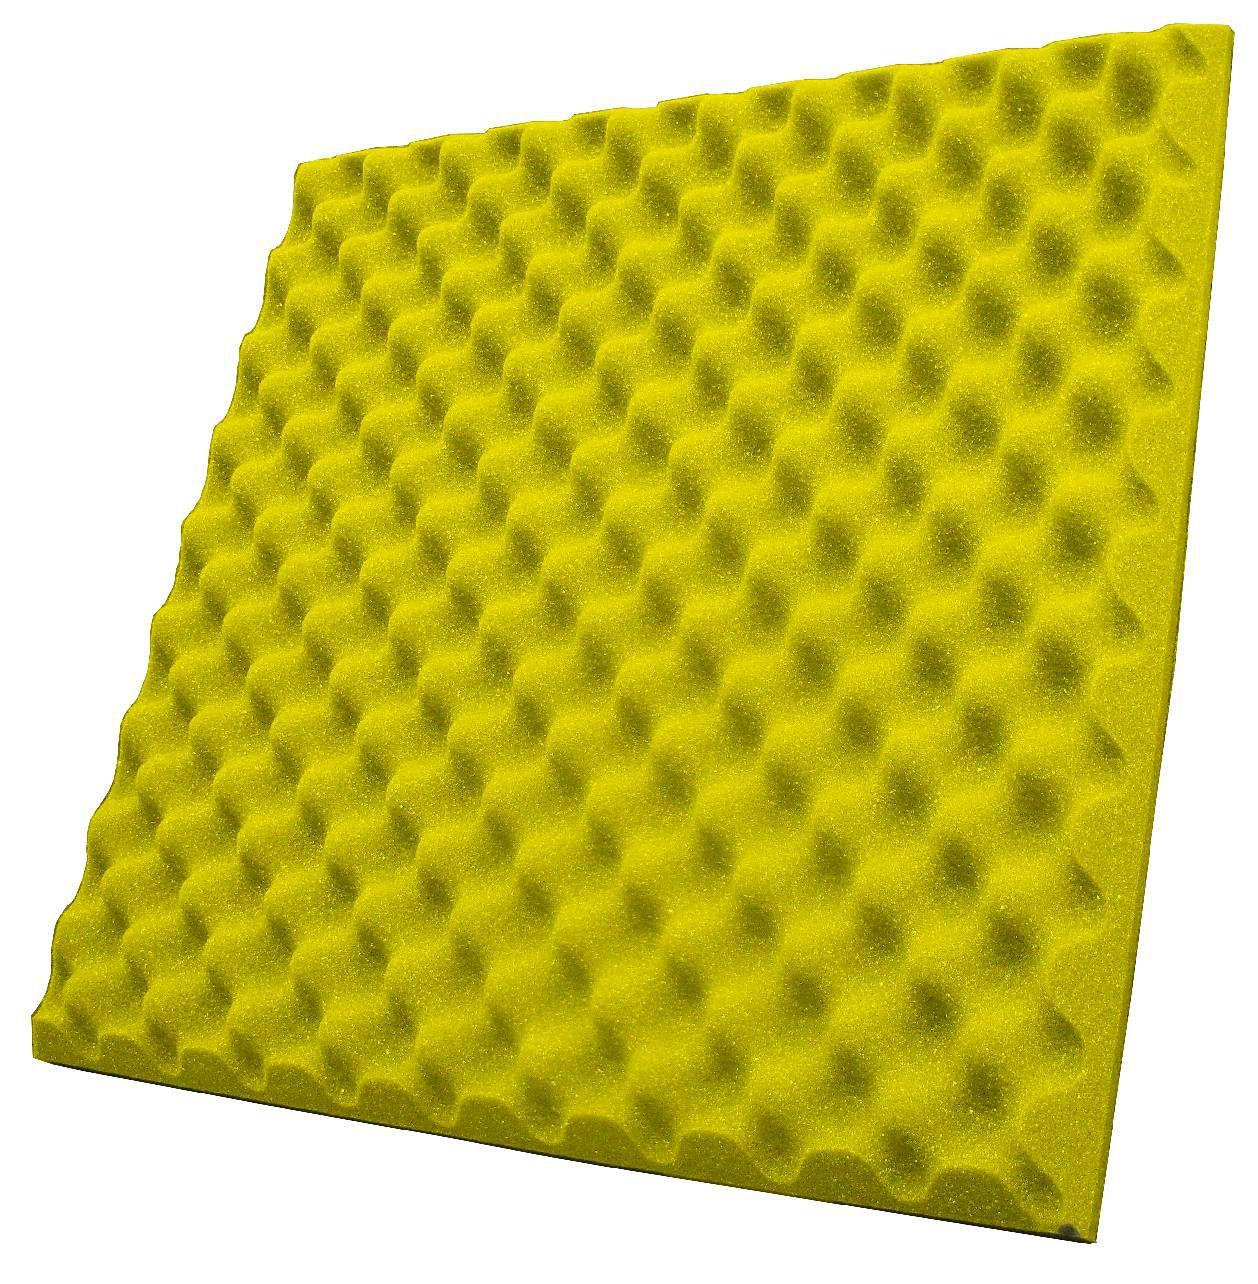 Espuma perfilada - Kit 8 peças - Amarelo-40mm (2m²)  - Loja SPL Acústica